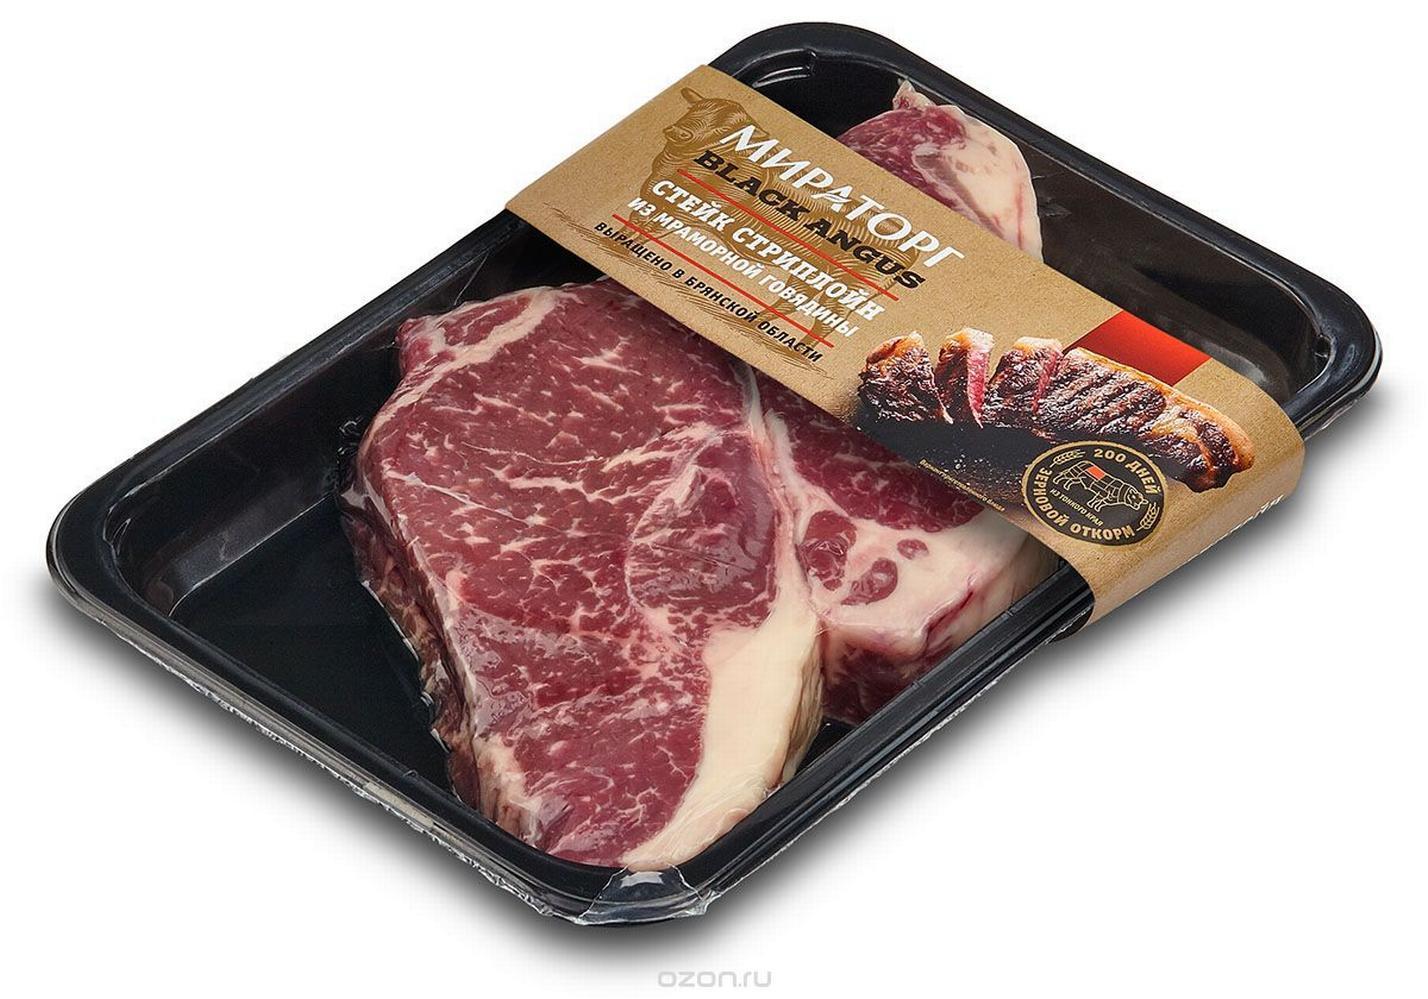 Стейк Мираторг стриплойн из мраморной говядины вакуумная упаковка 320 г фото